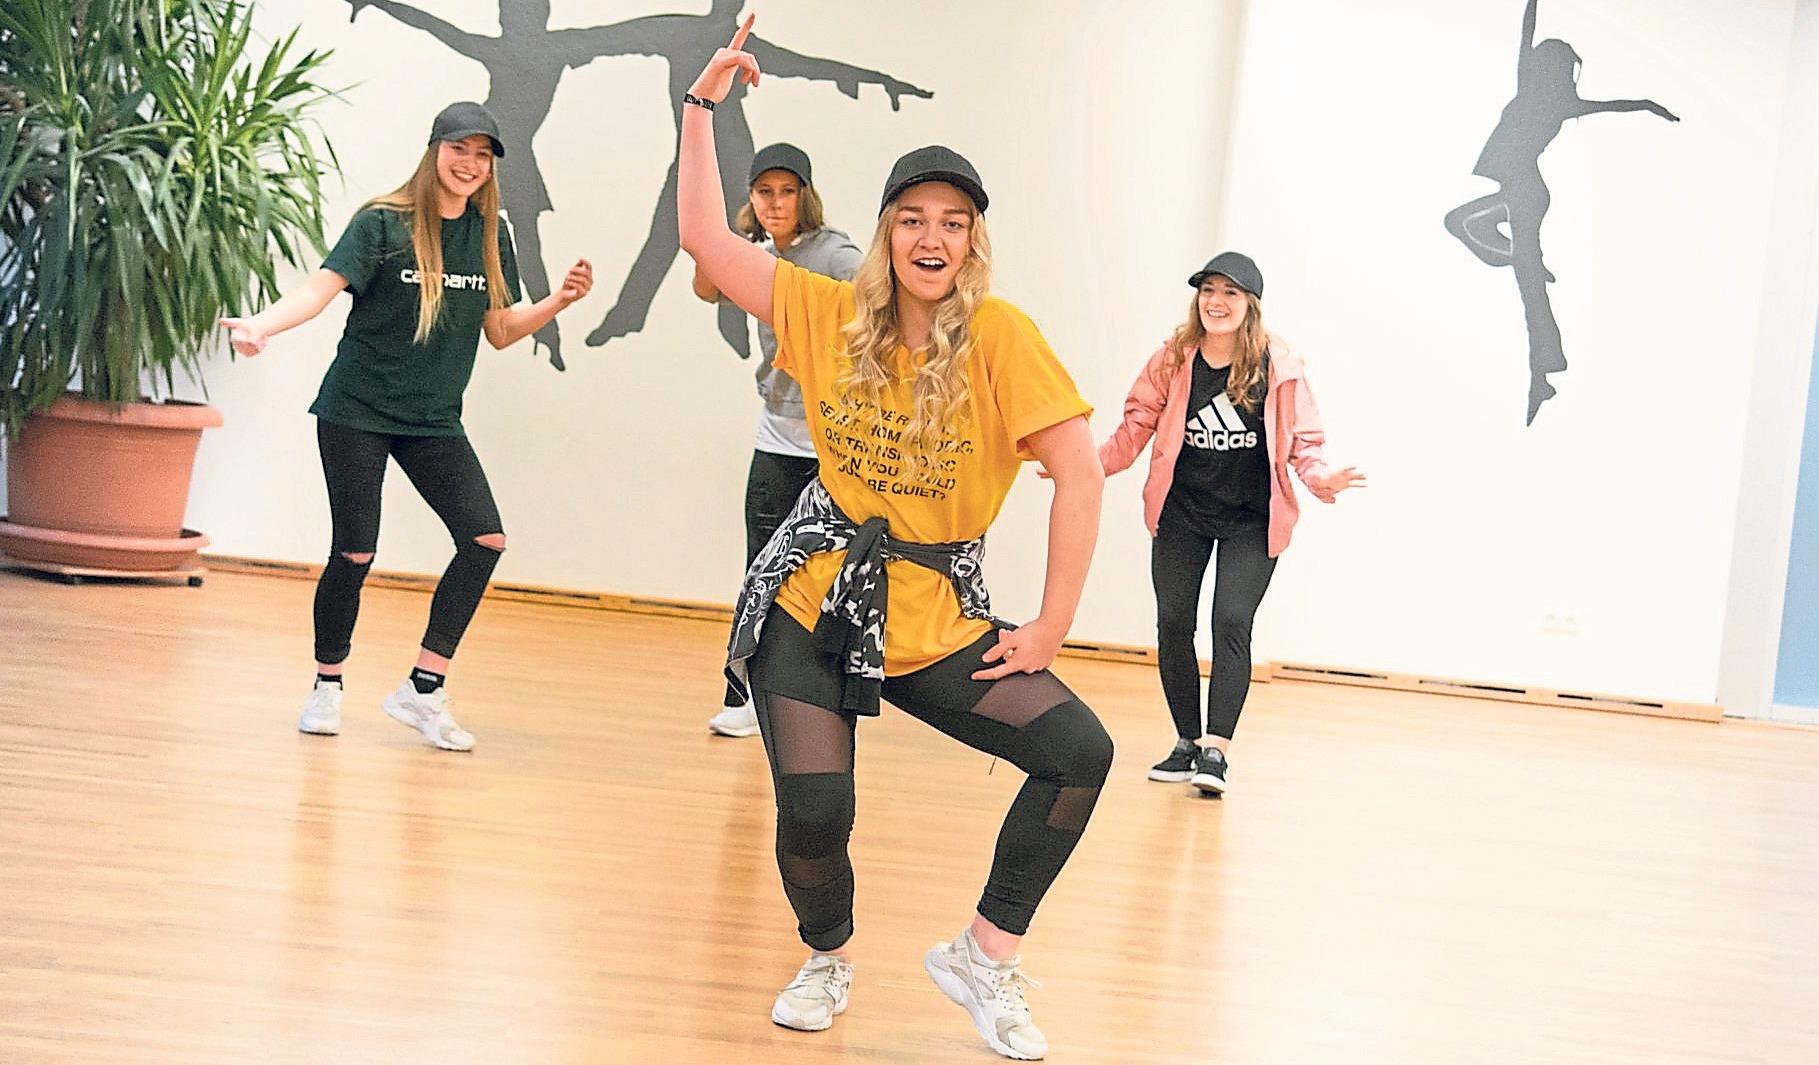 Unterhaltsame Auftritte – unter anderem von Hip-Hop-Gruppen – gibt es am kommenden Wochenende beim Tag der offenen Tür des Eichstätter Tanzsportclubs zu sehen. Außerdem können Besucher selbst testen, ob sie Spaß an einem der Angebote haben. Foto: ETC